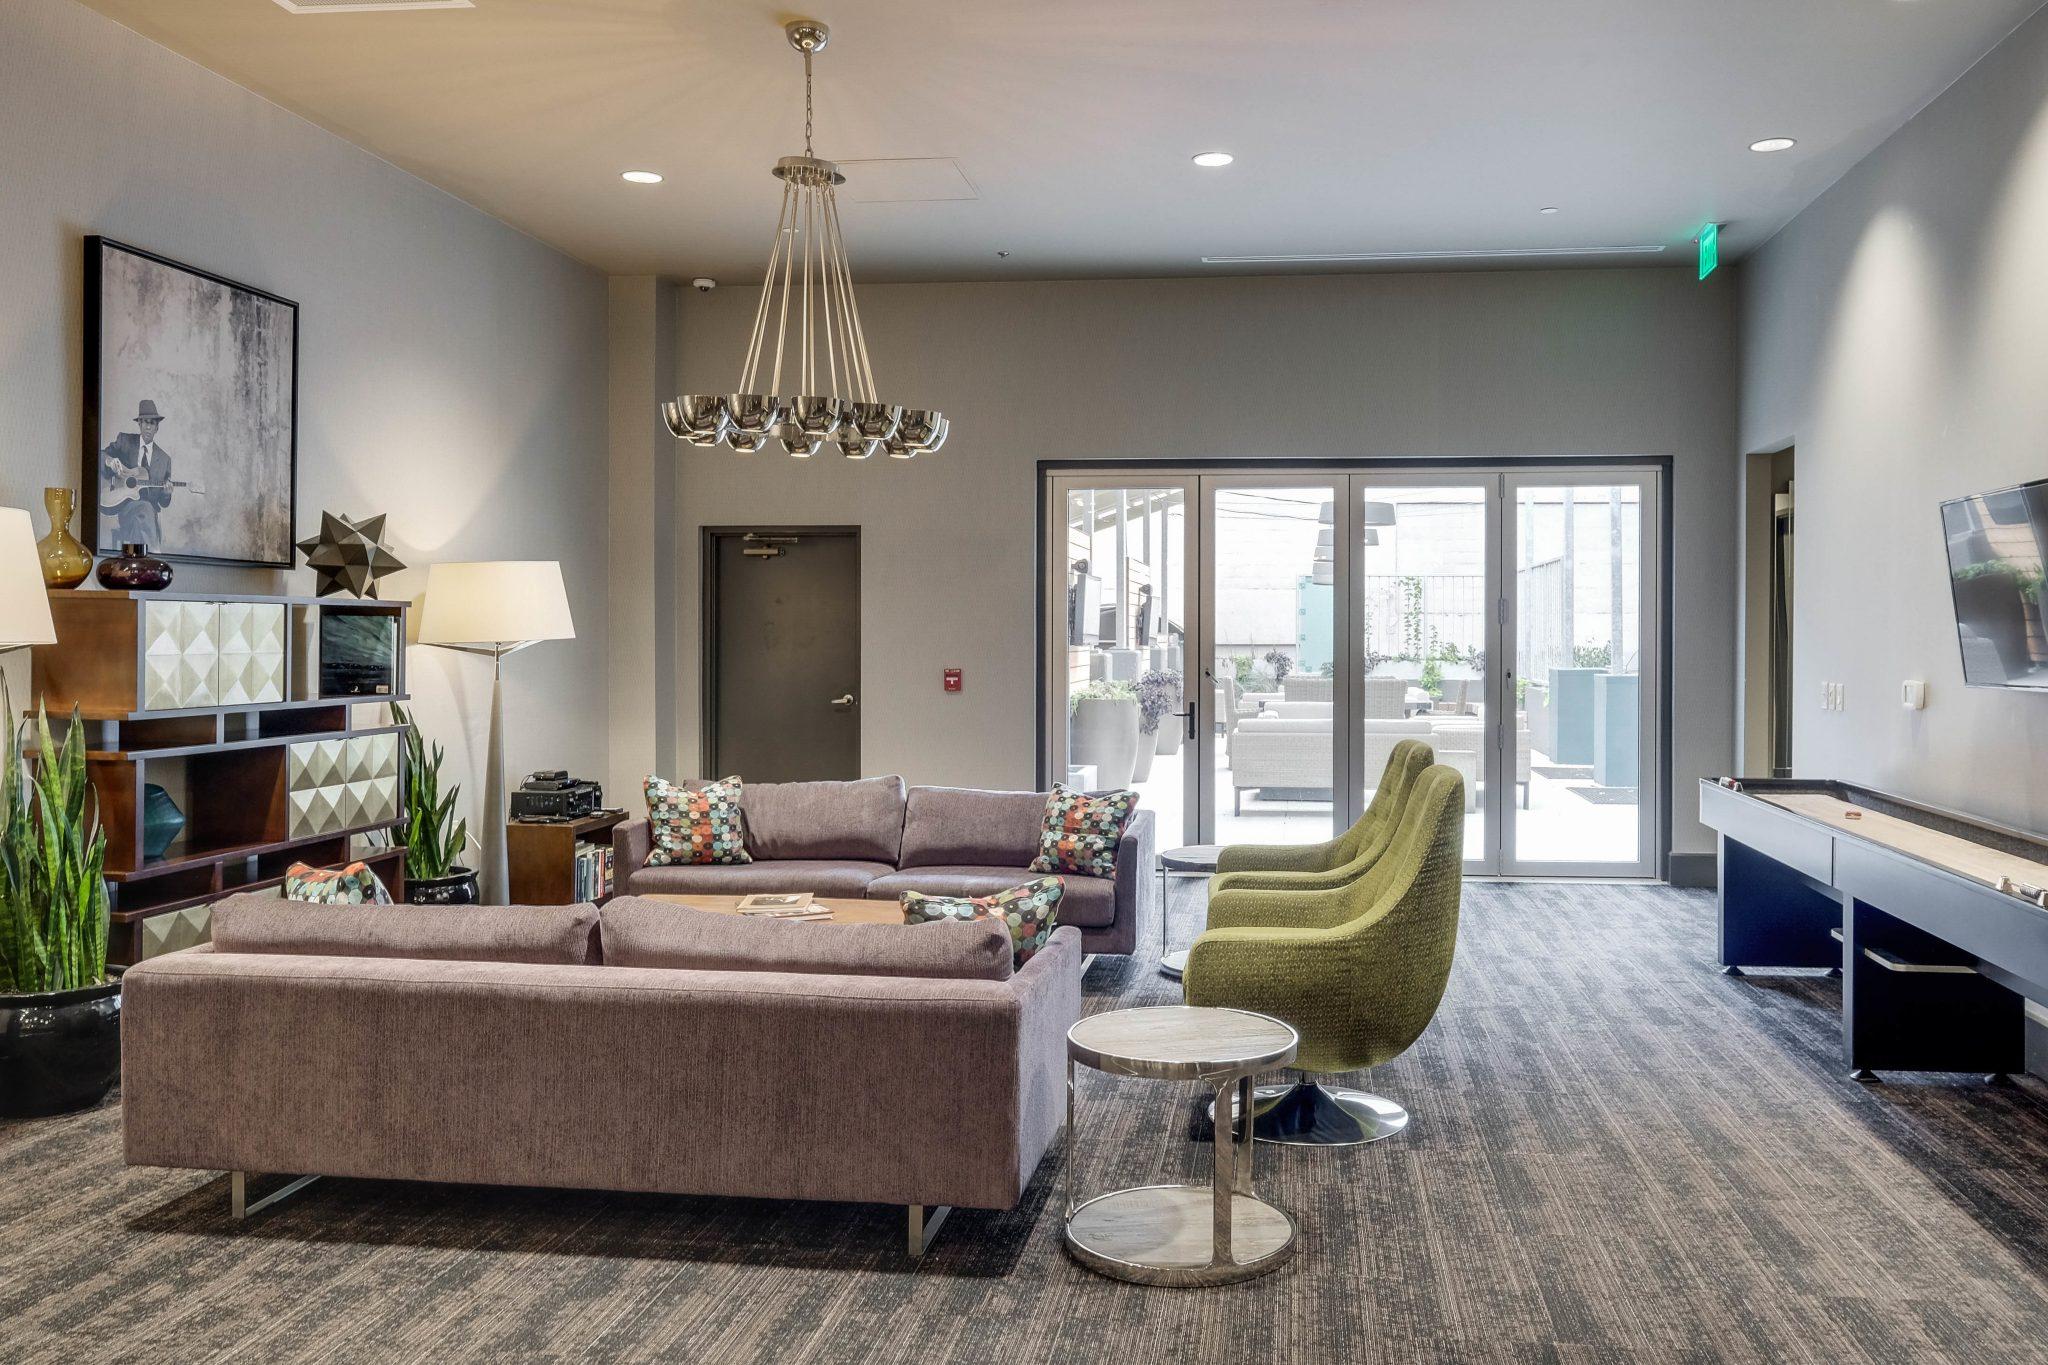 lounge seating 2